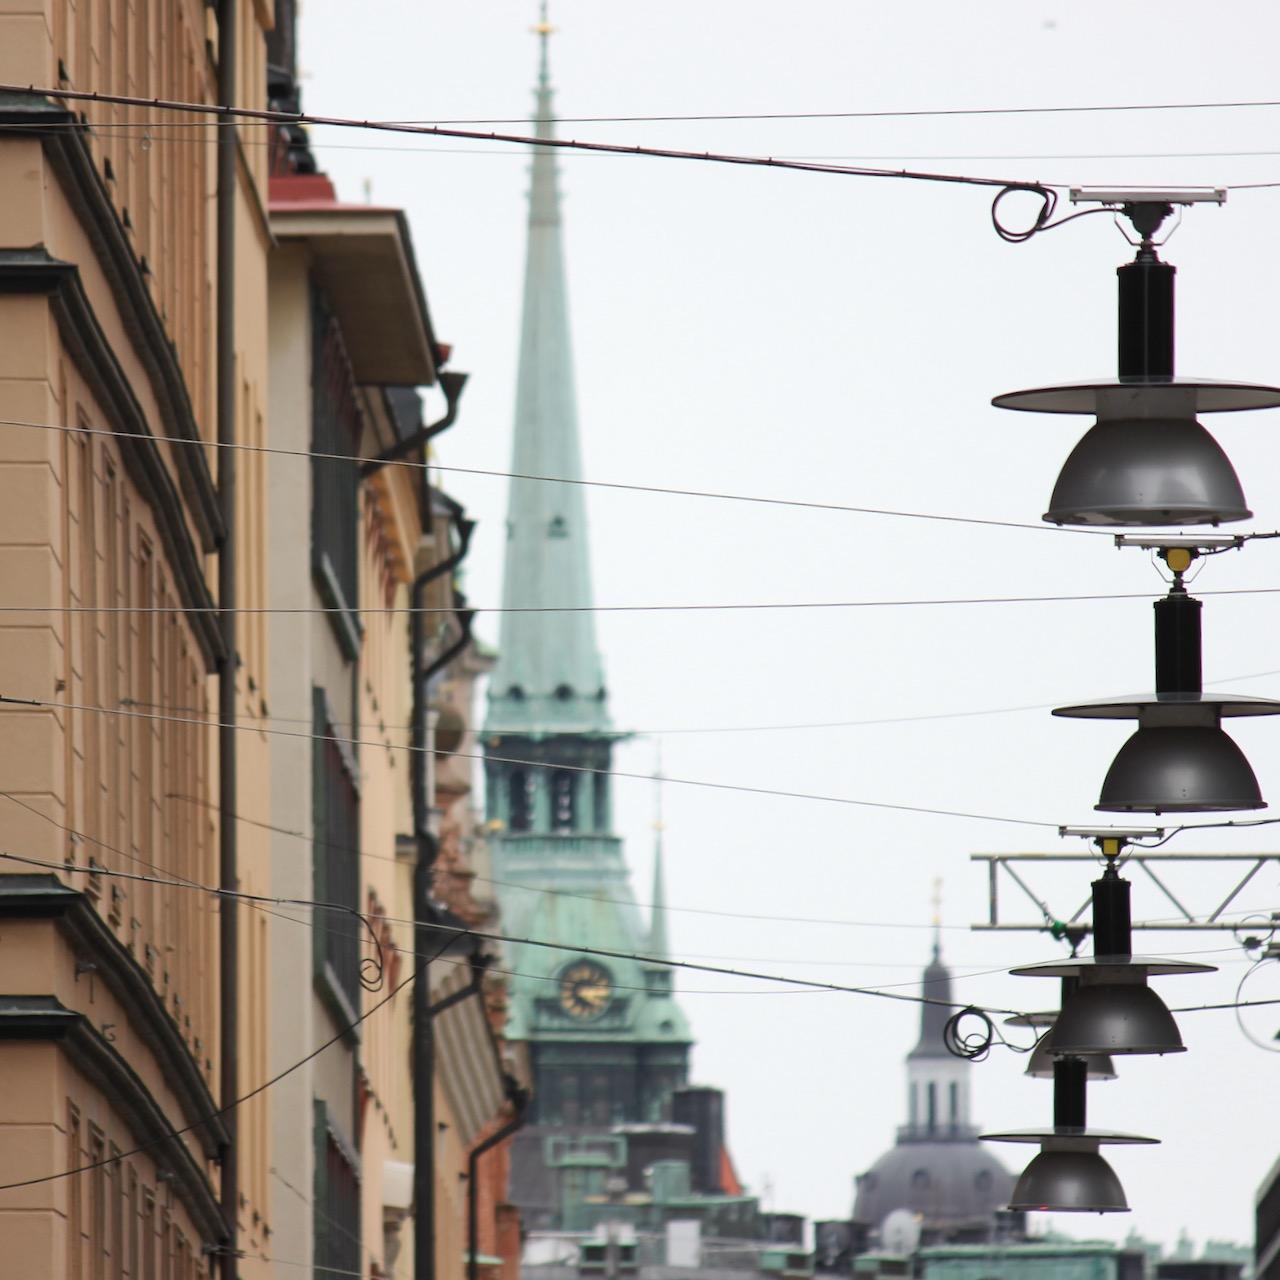 Stockholm, Sweden - 4